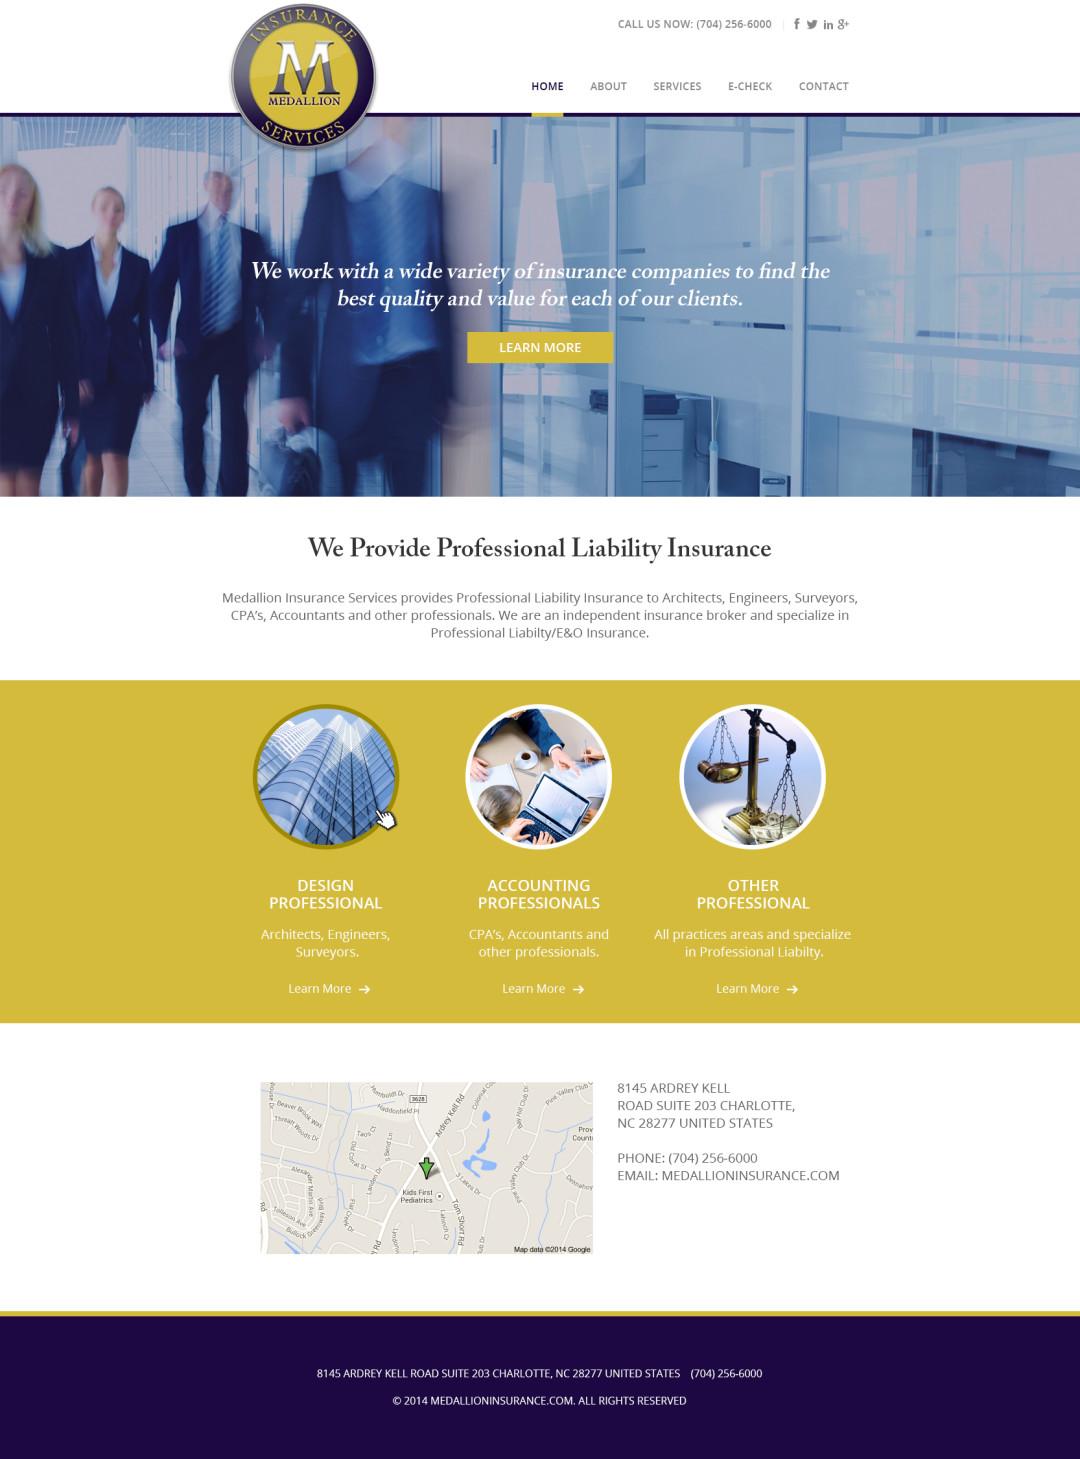 Medallion Insurance